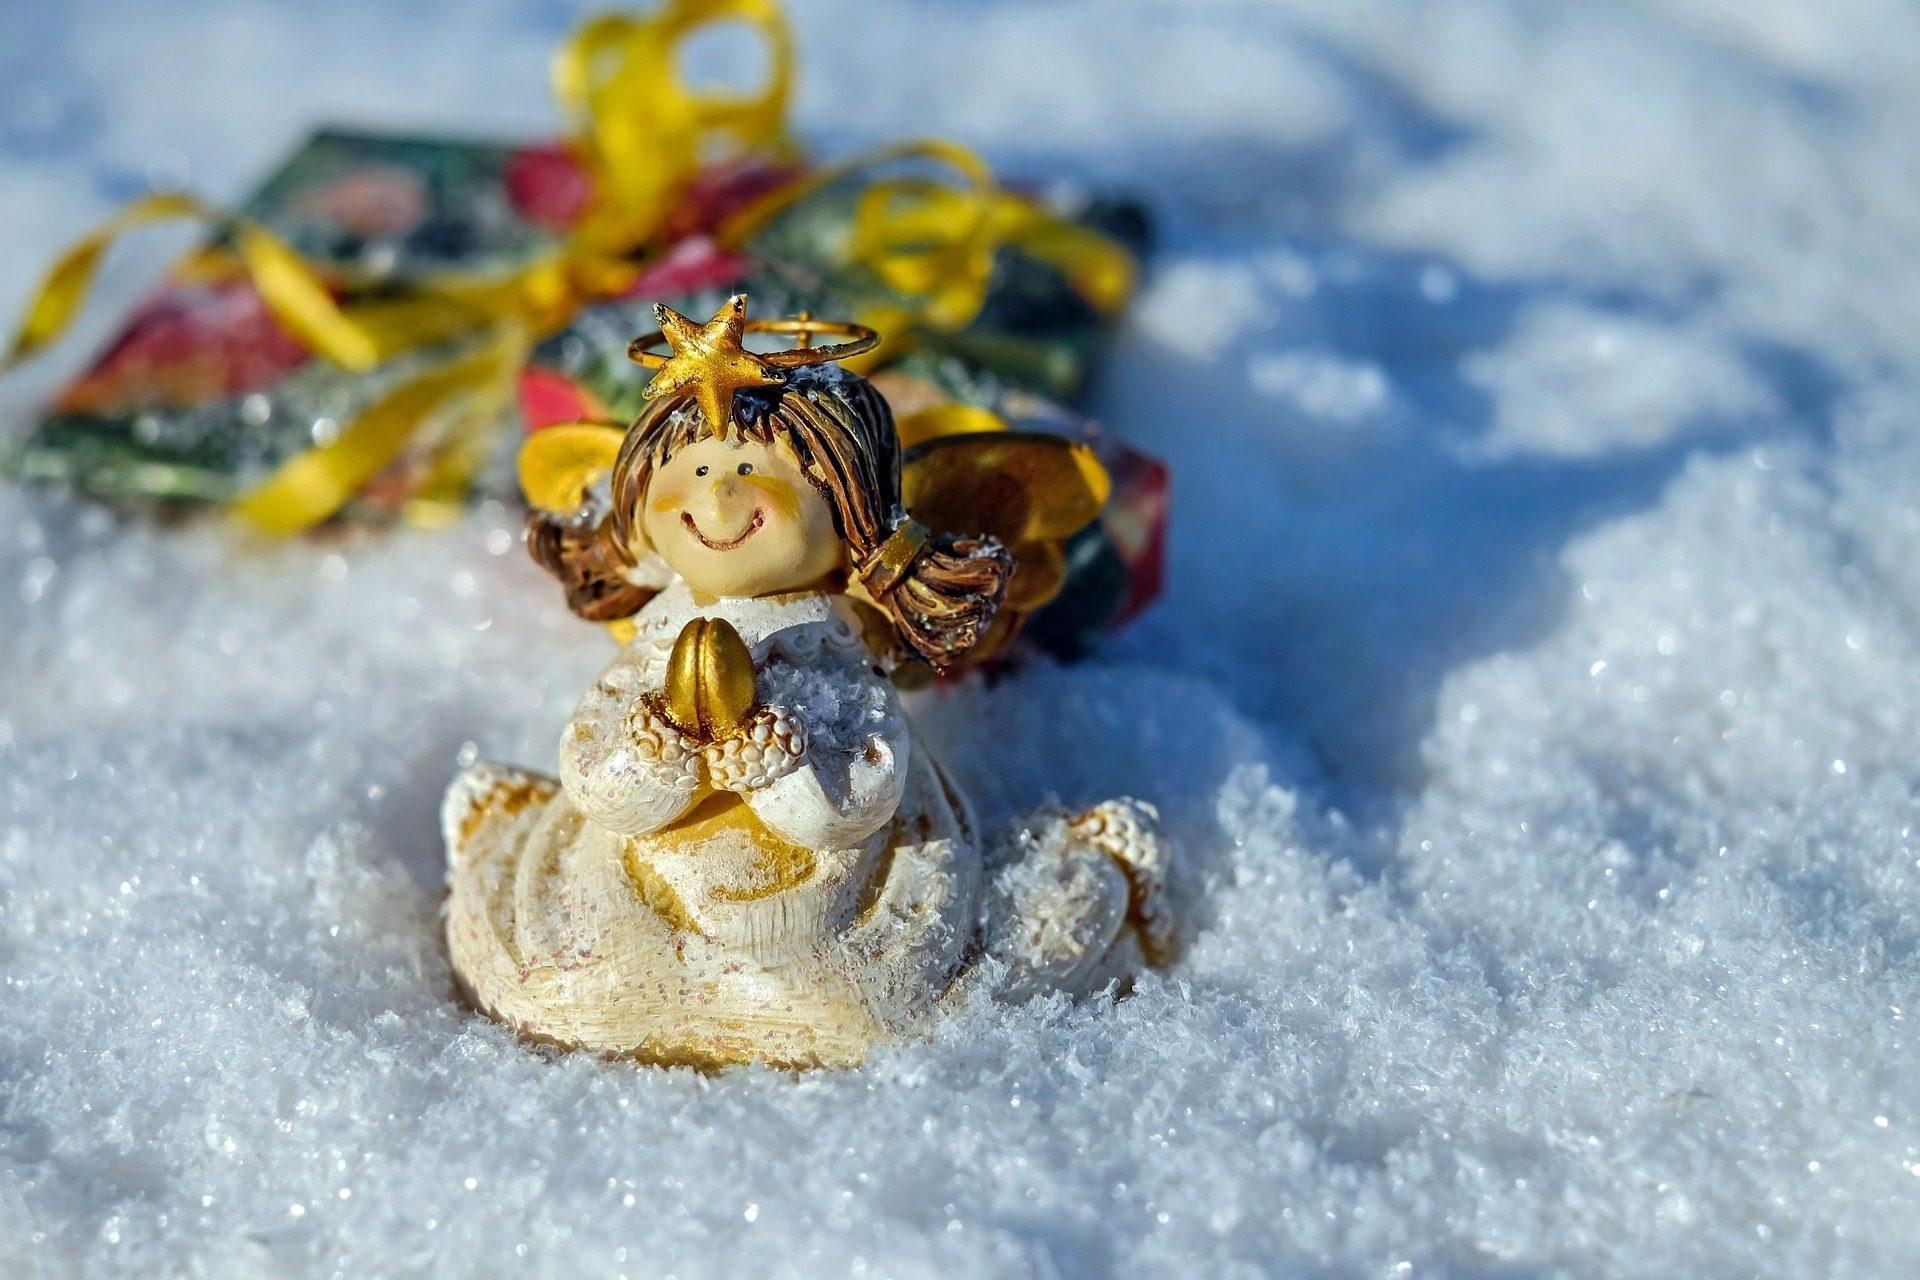 Άγγελος, χιόνι, Χειμώνα, Χριστούγεννα, δώρο - Wallpapers HD - Professor-falken.com